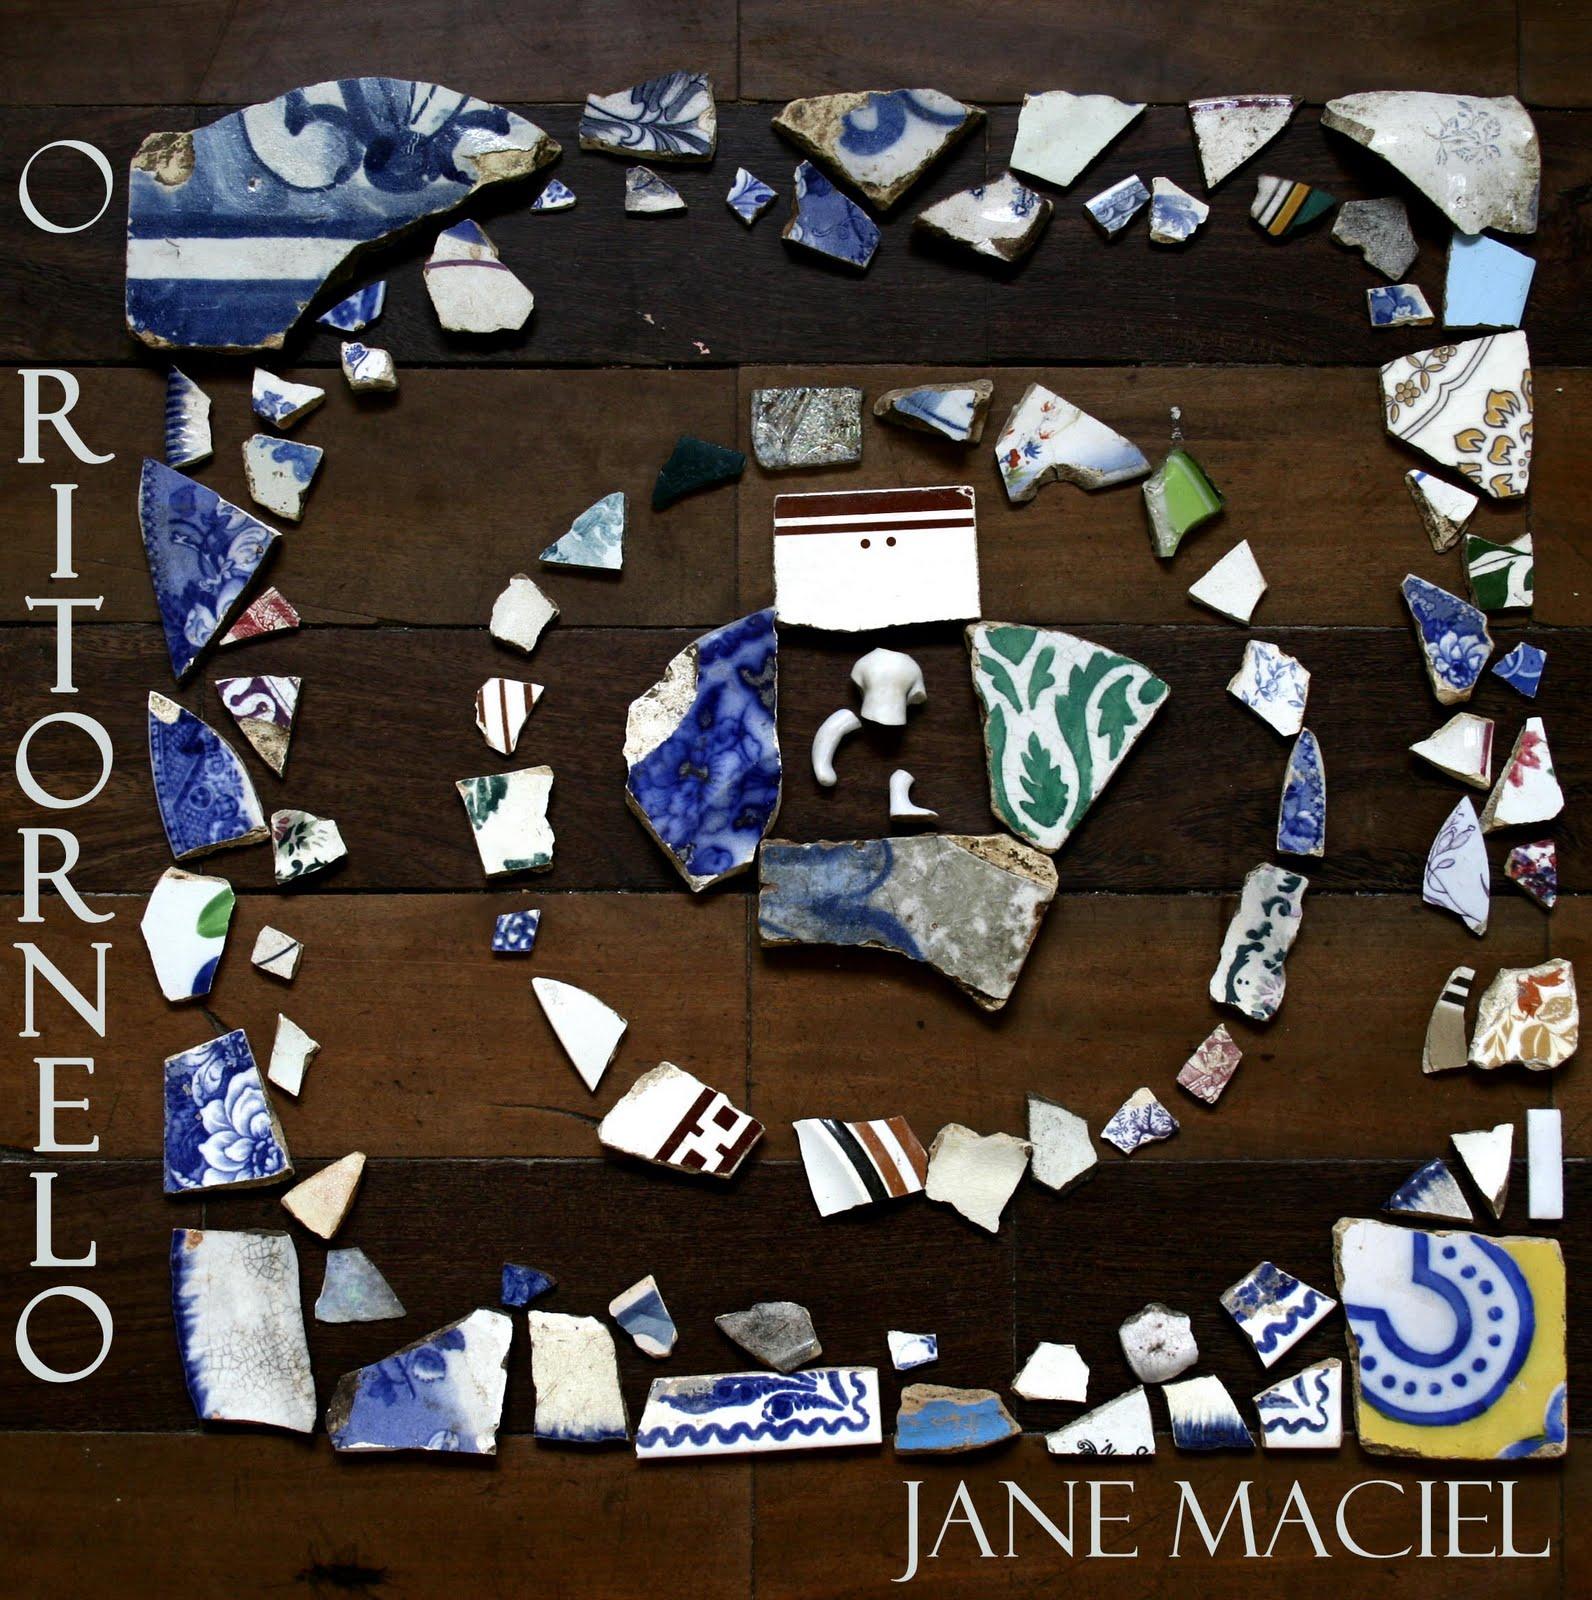 O Ritornelo, poéticas de Jane Maciel